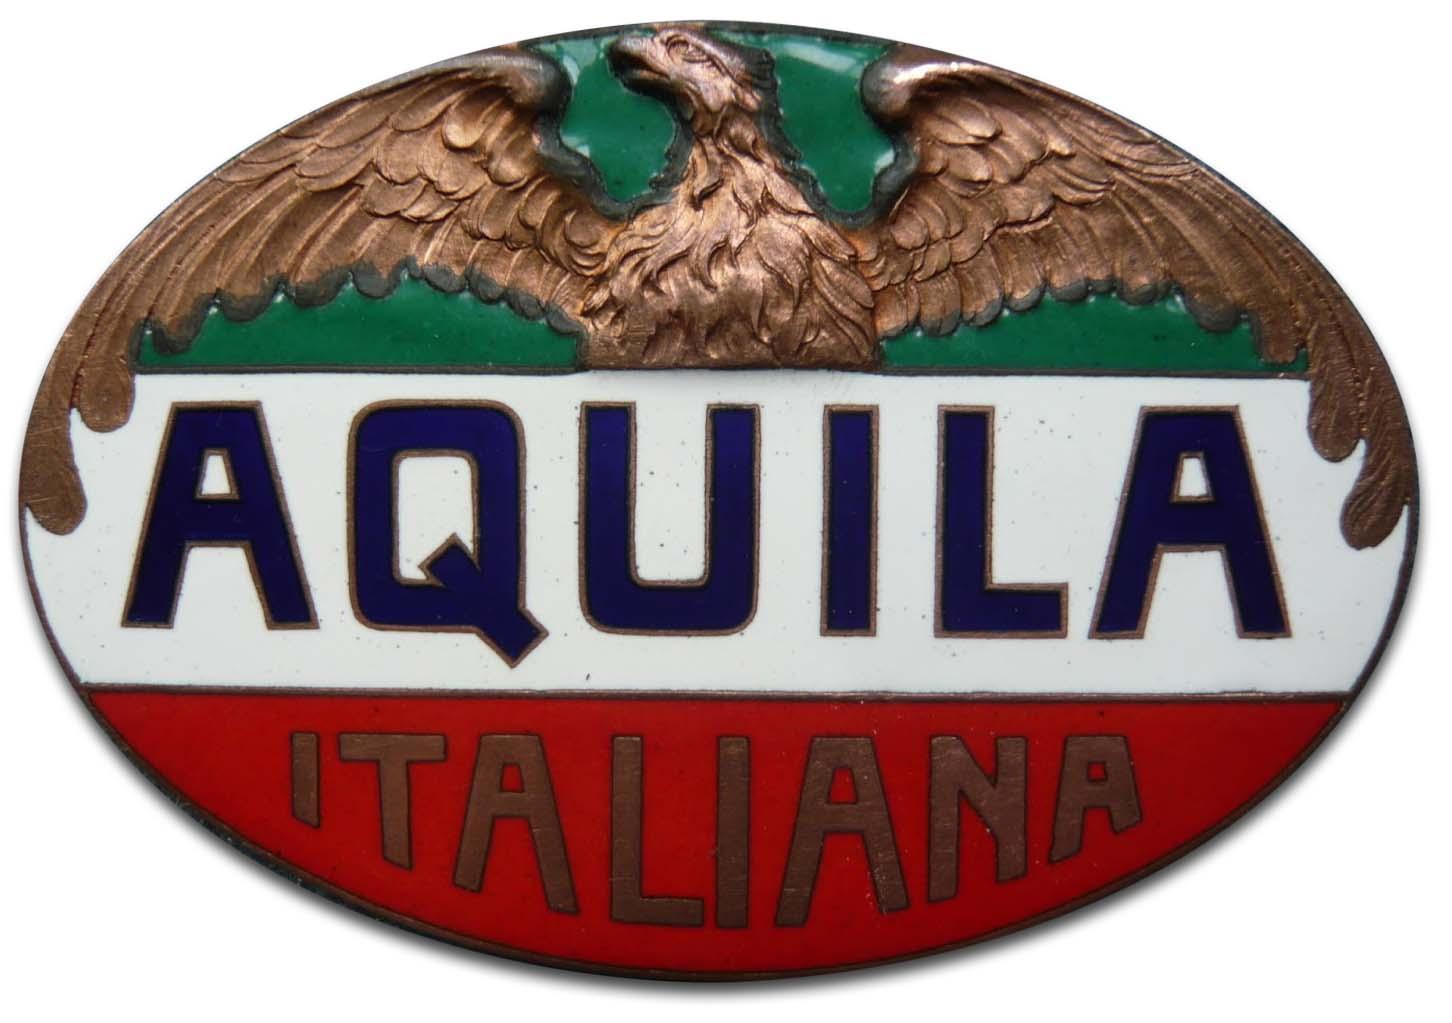 Aquila Italiana (Society Anonima Aquila Italiana) (1913 grill emblem)(1913)